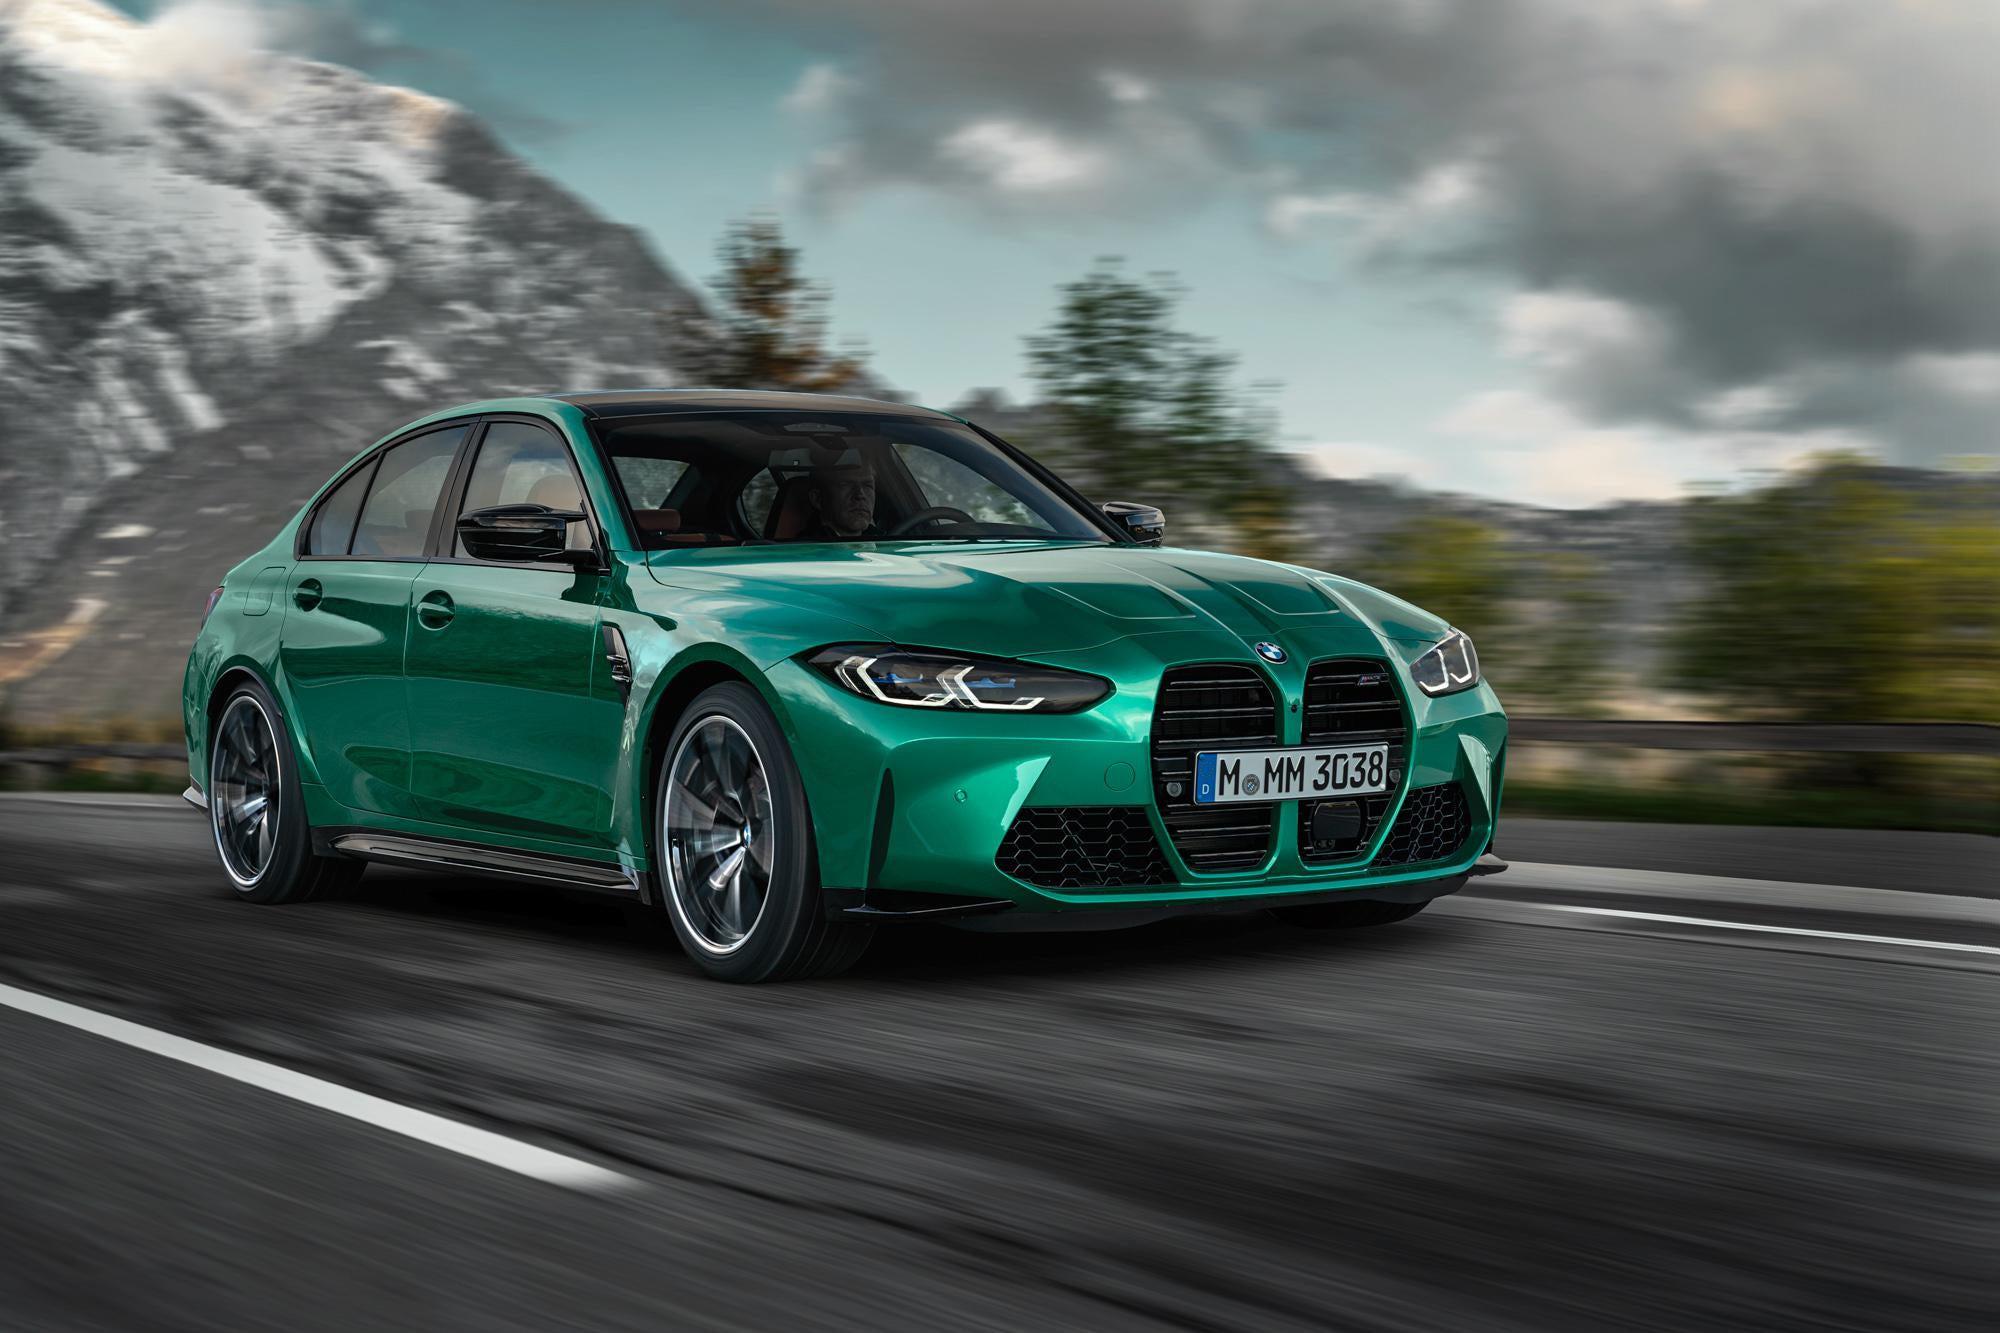 Xem trước BMW M3, M4 với bộ ảnh ngoại thất full trước giờ ra mắt